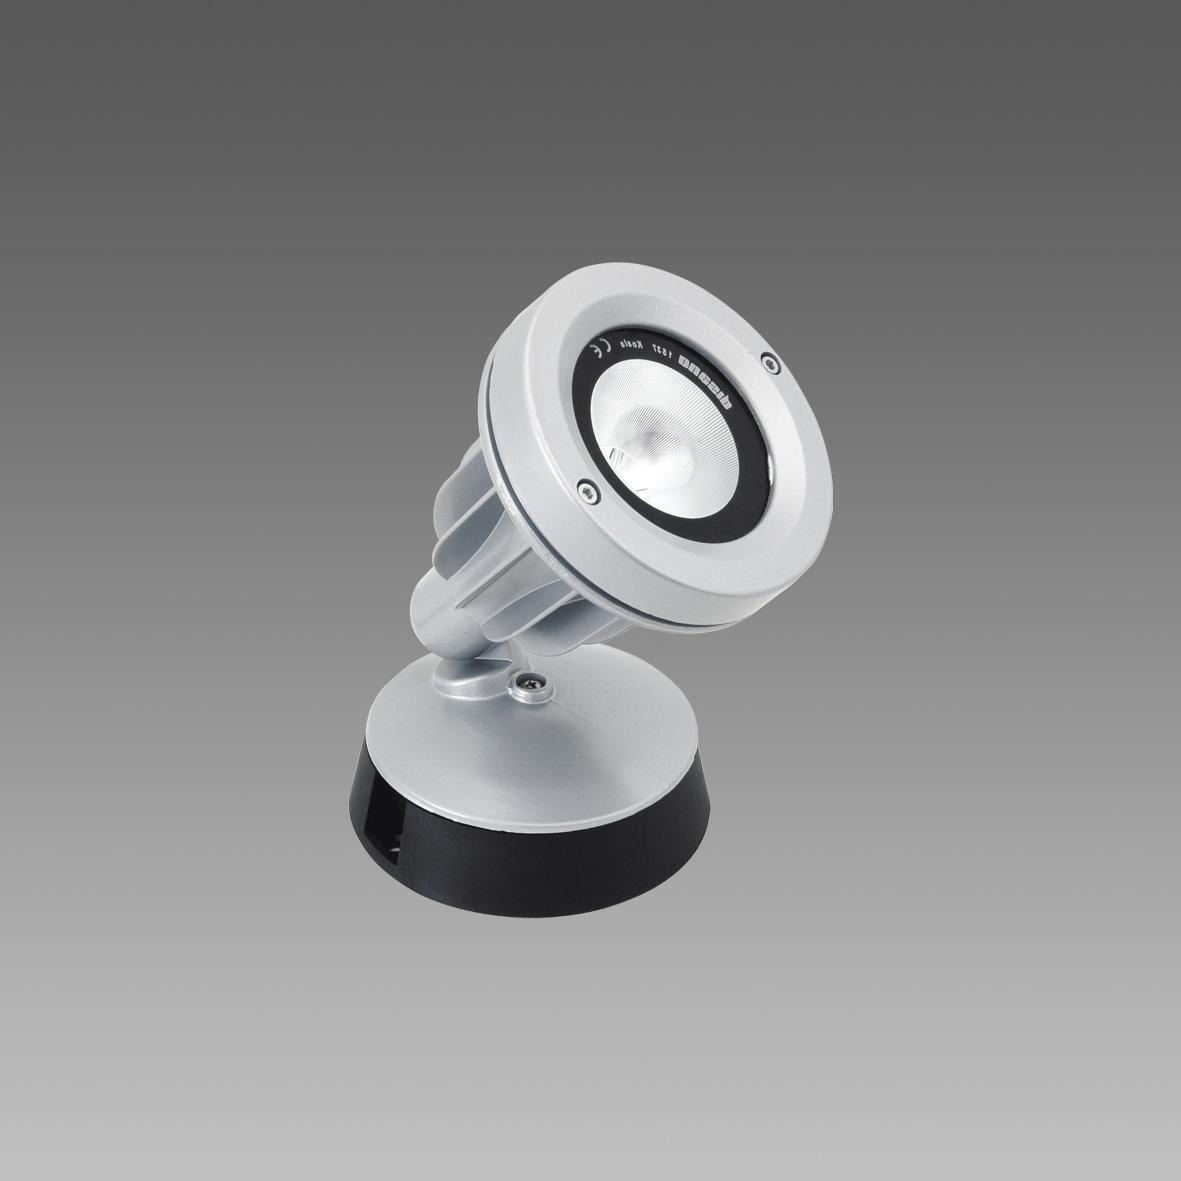 Projecteur LED spot extérieur Koala Disano